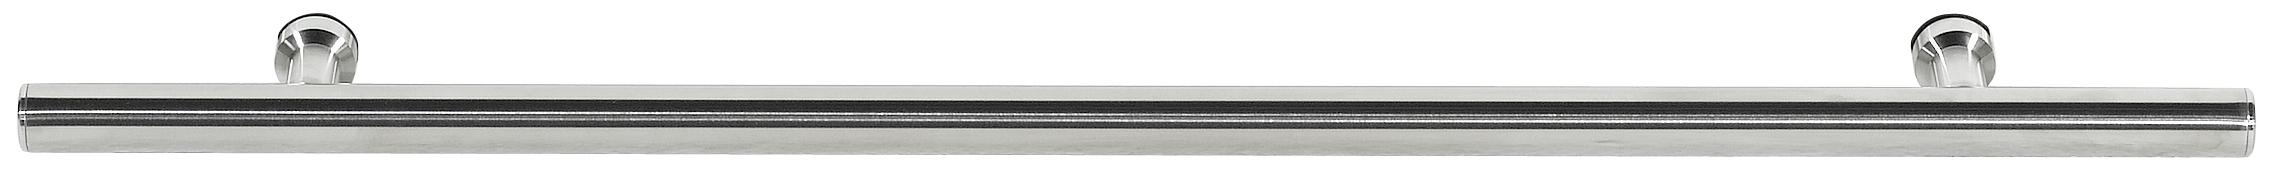 Modele de manere pentru usi din sticla SADEV DECOR - Poza 19